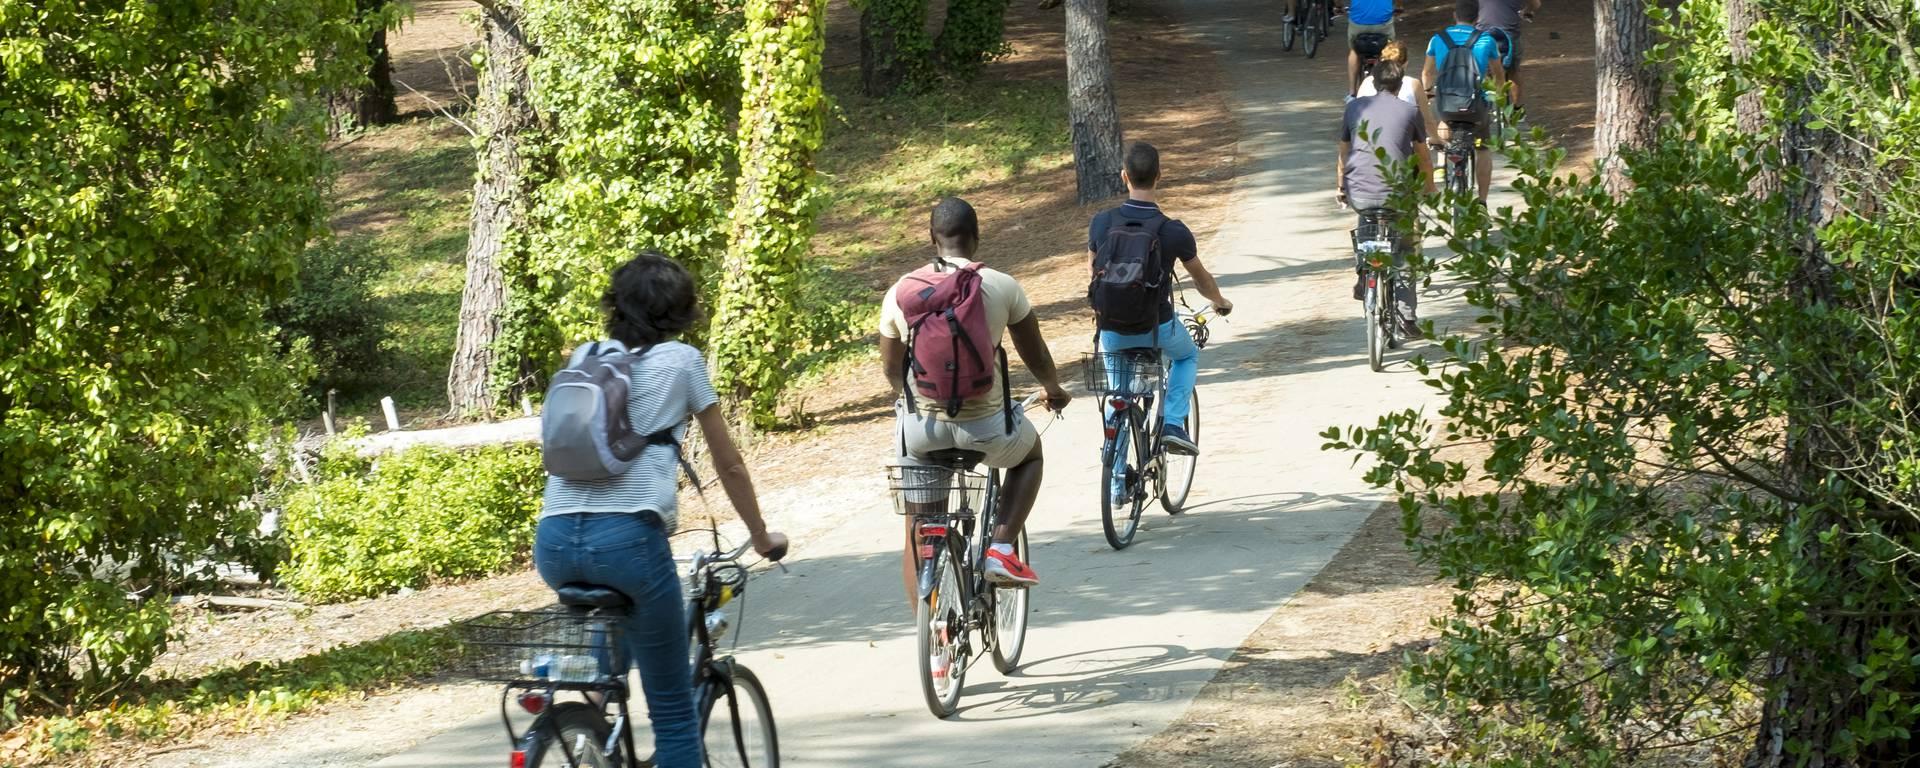 L'île de ré à vélo par Yann Werderoy